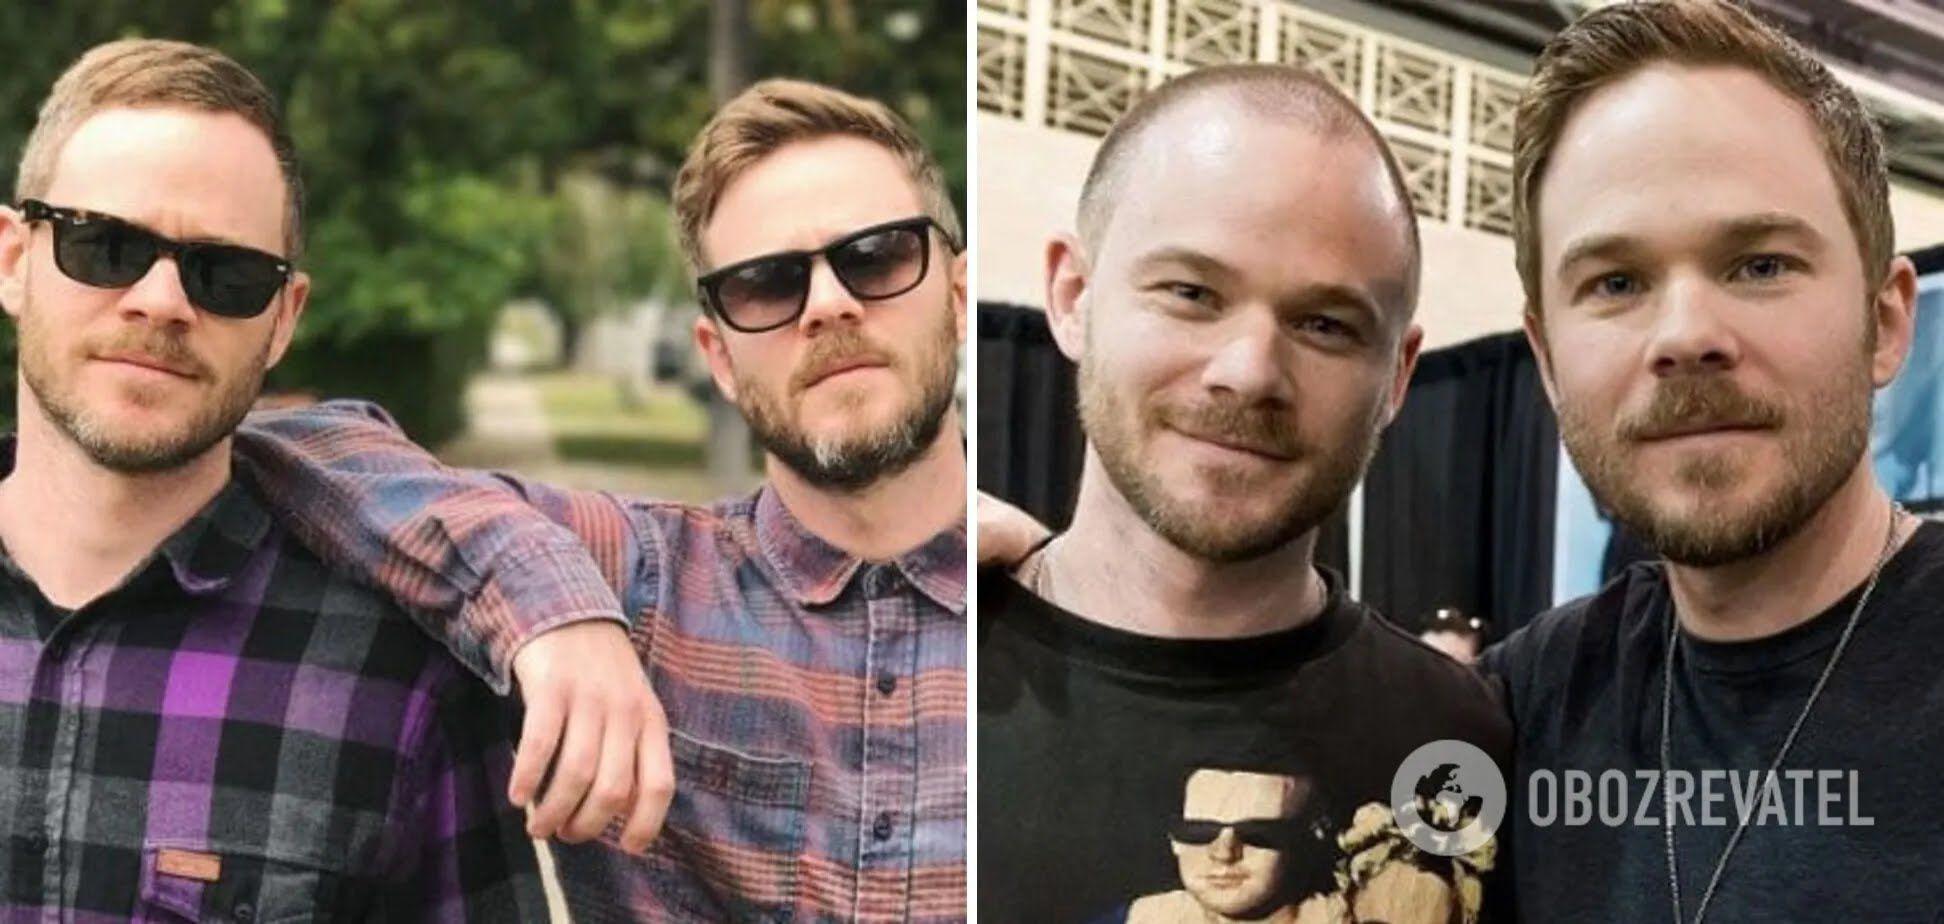 Братья-близнецы Шон и Аарон Эшморы снимаются в голливудском кино